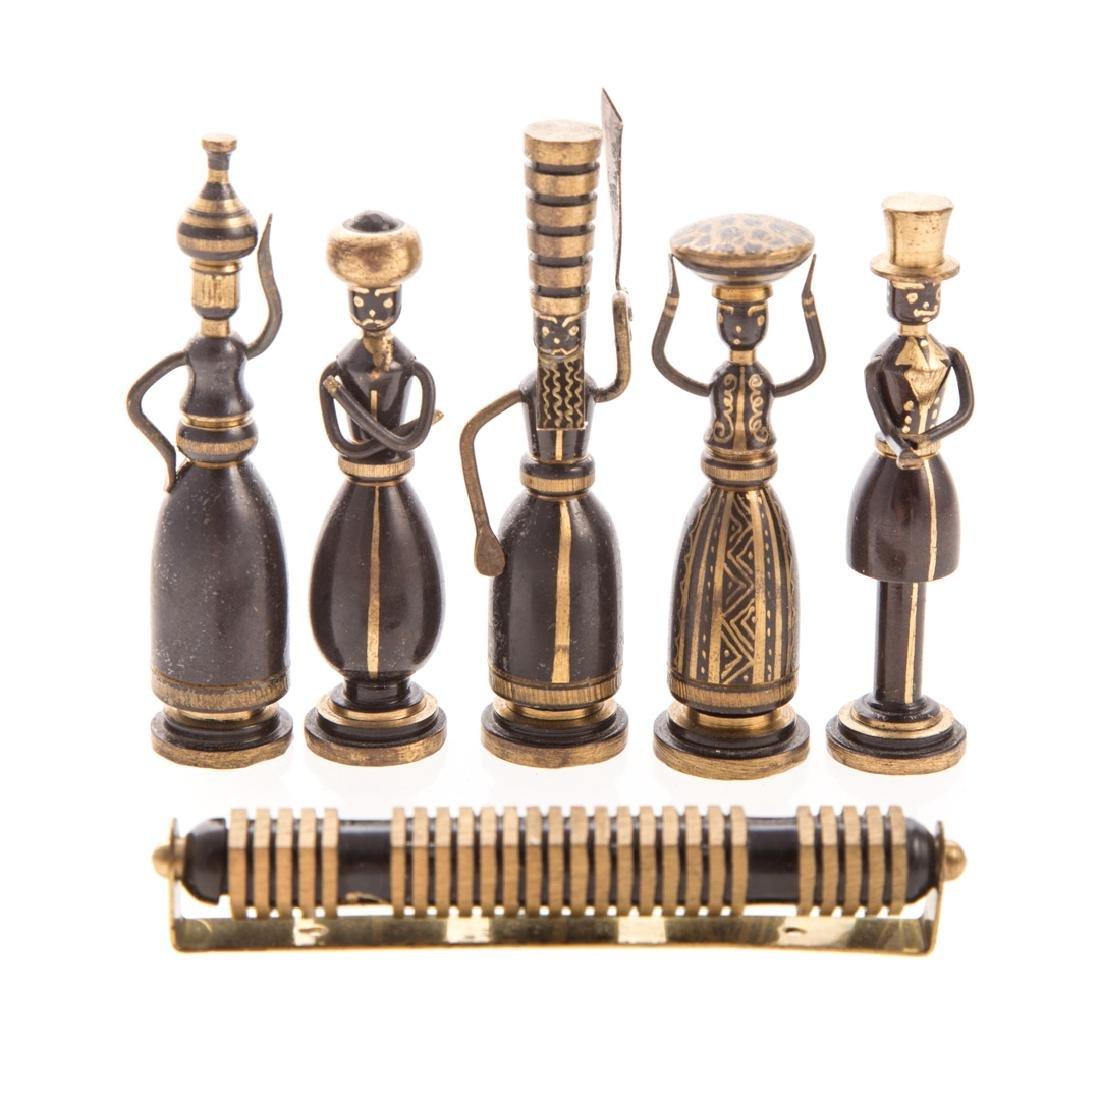 Hans Teppich. Five brass figures and a Mezuzah